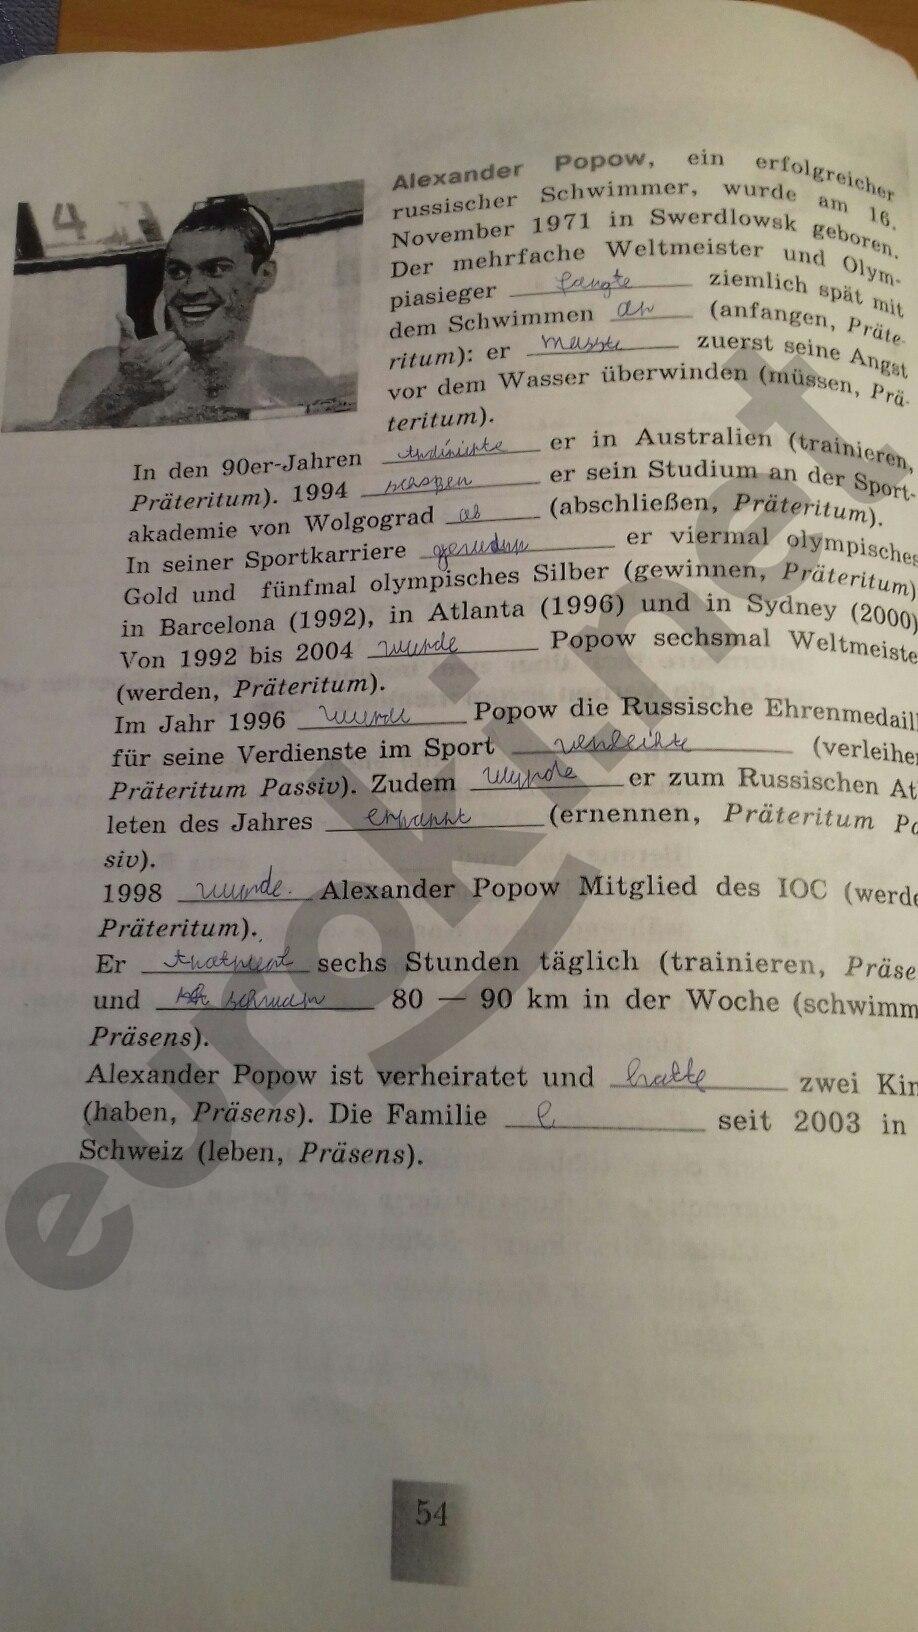 ГДЗ по немецкому языку 6 класс рабочая тетрадь Артемова. Задание: стр. 54